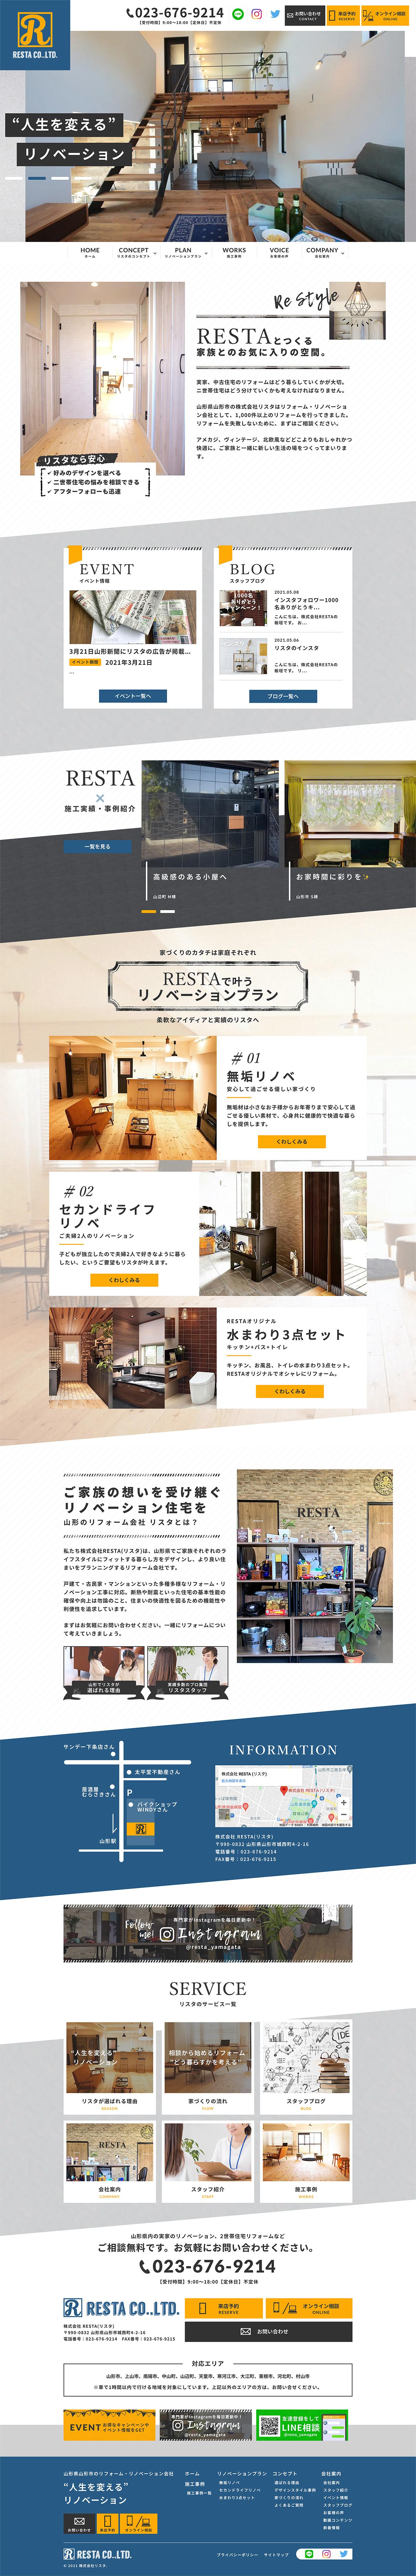 株式会社リスタ 様 PCデザイン